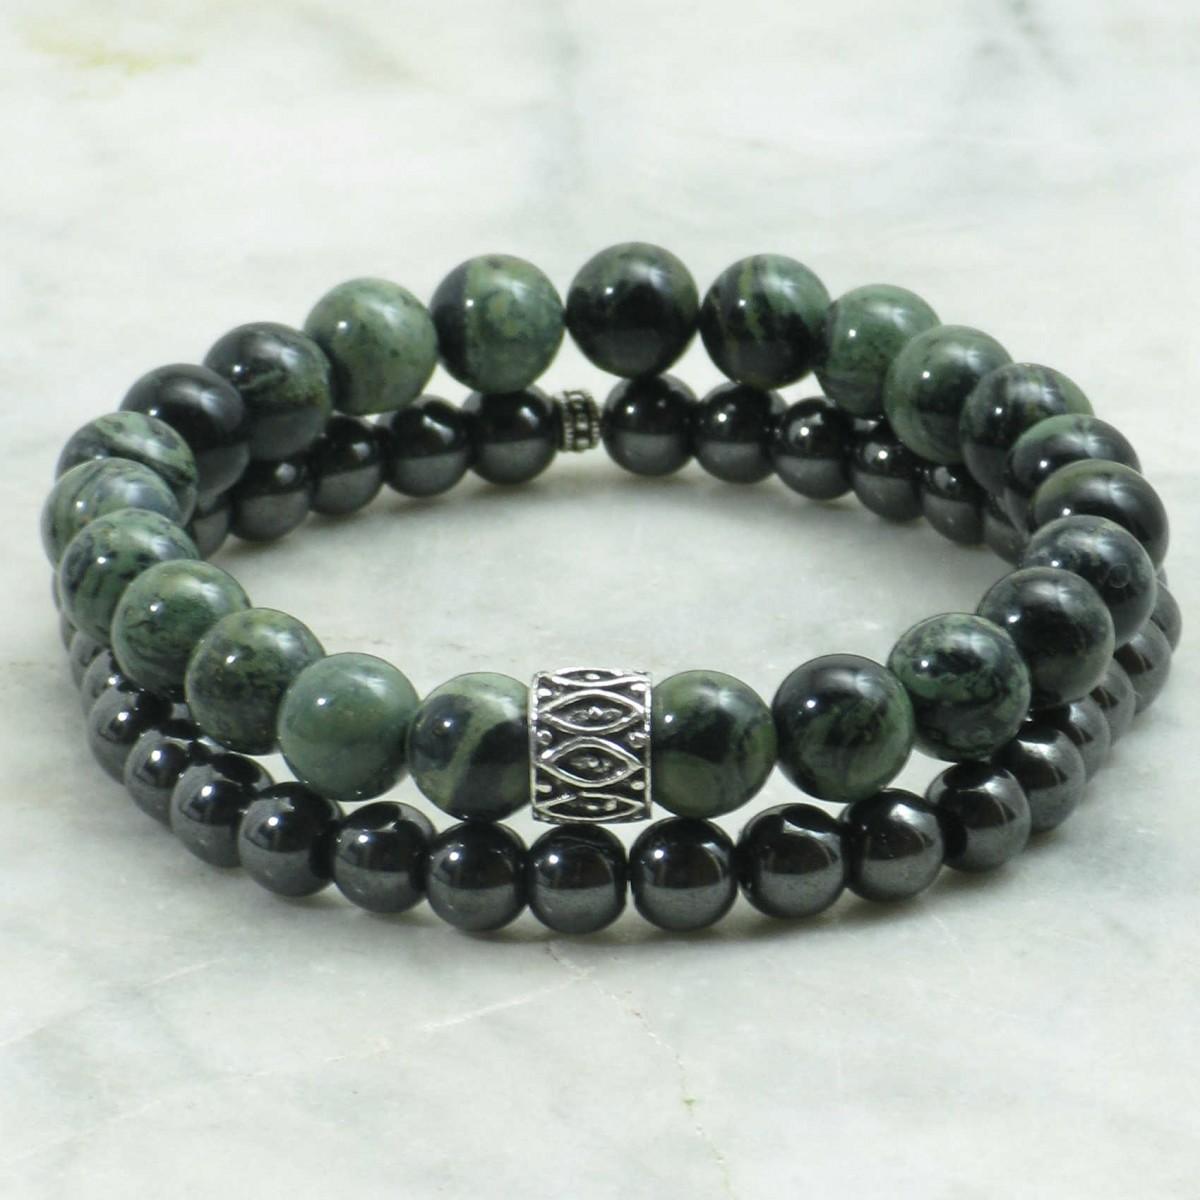 Shakti_Bracelets_for_Men_Mala_Beads_Stacks_Kambamba_Jasper_Mala_Beads_Hematite_Buddhist_Prayer_Beads